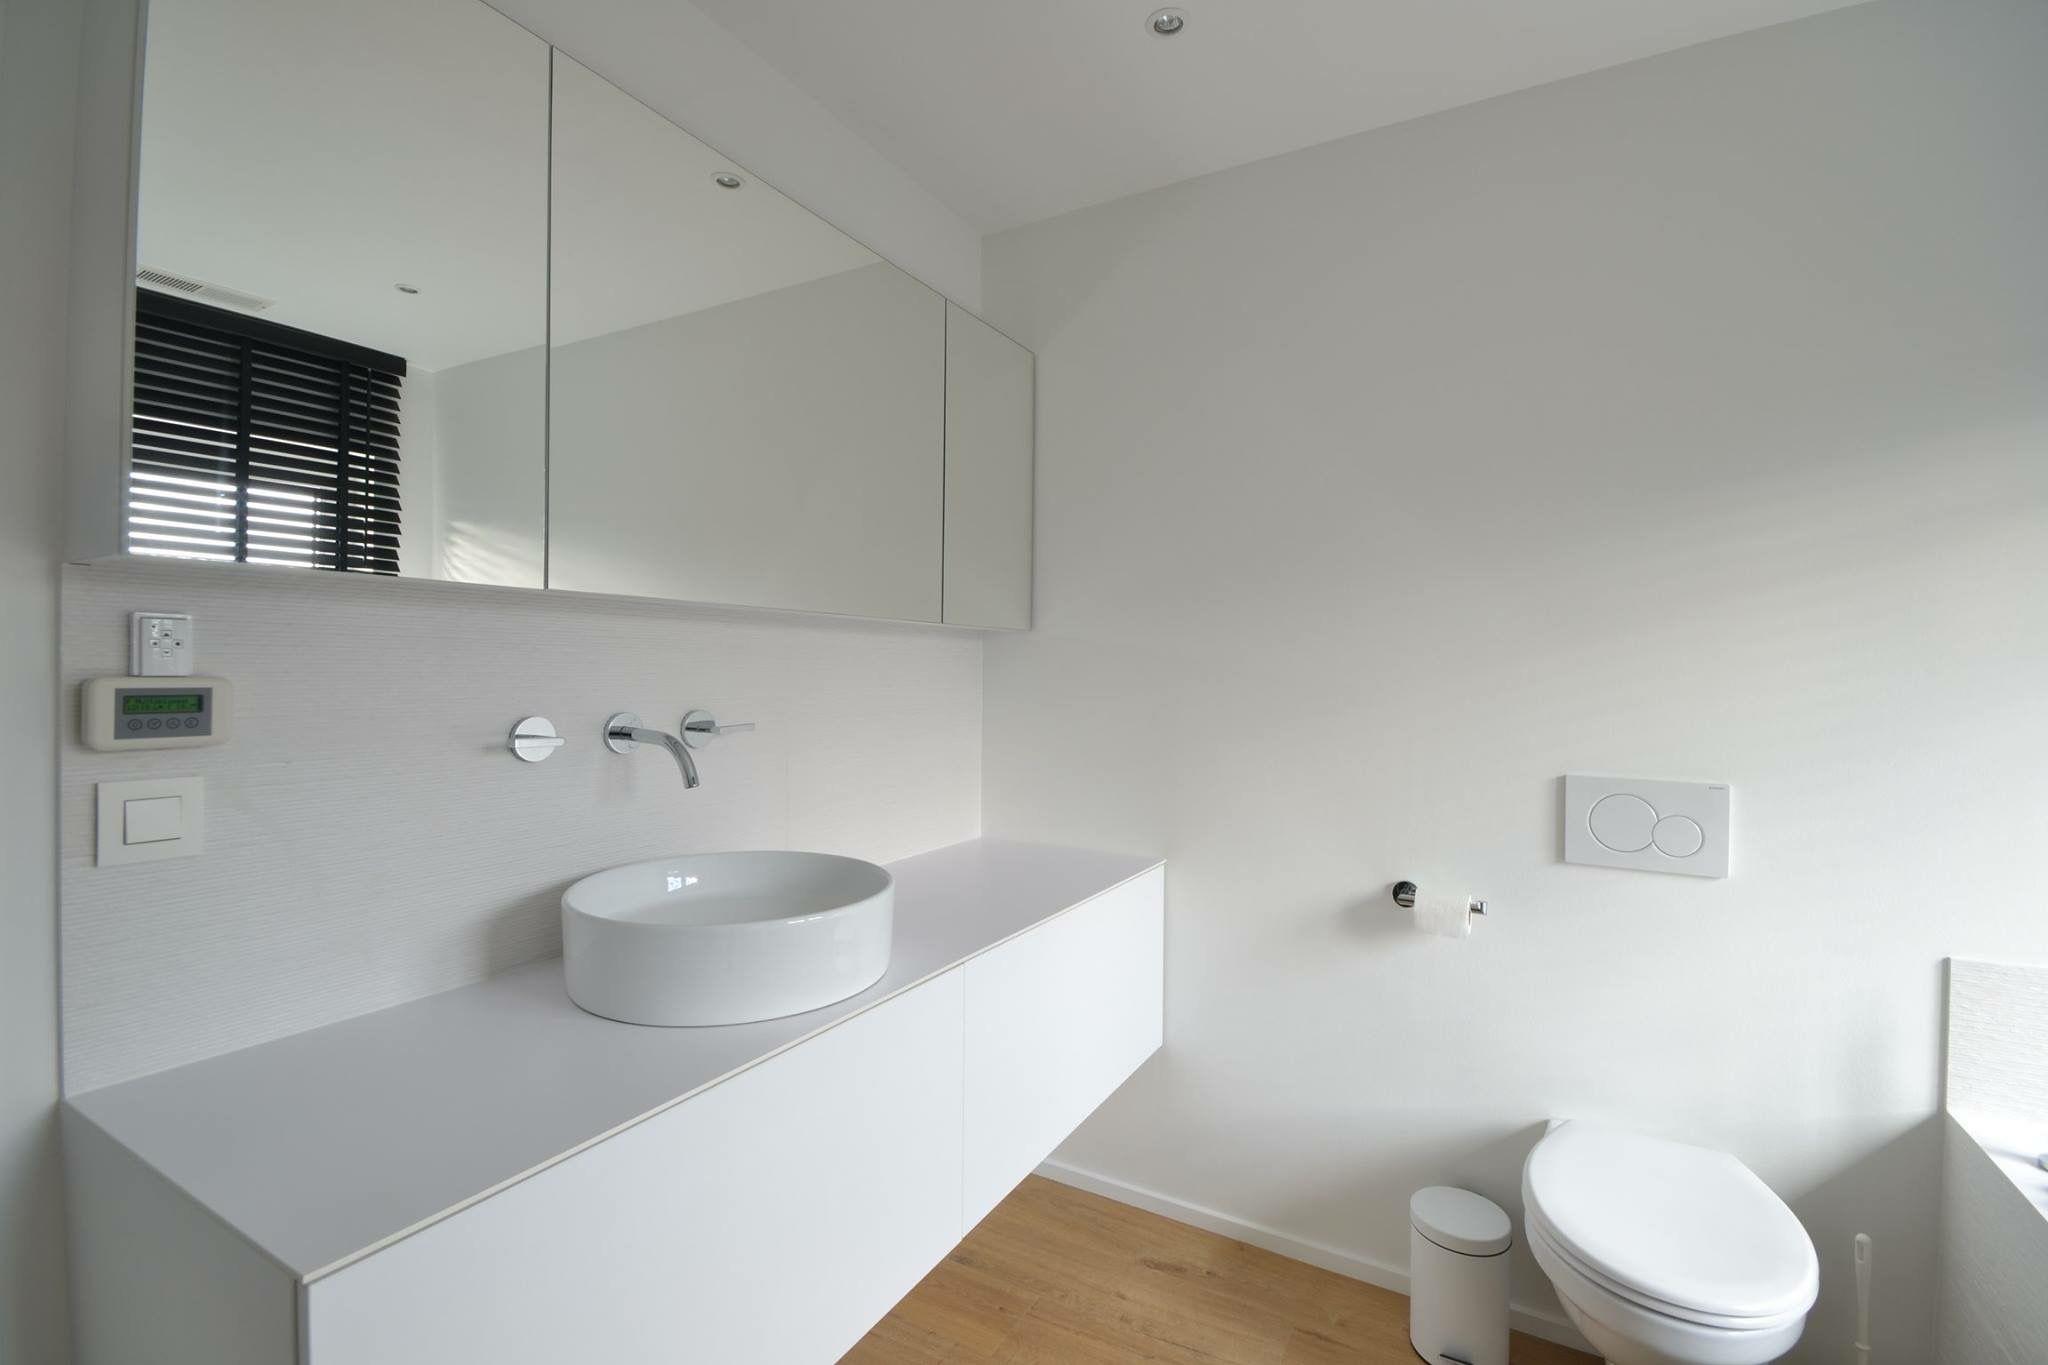 Moderne Witte Badkamer : Moderne witte badkamer ideeën voor het huis